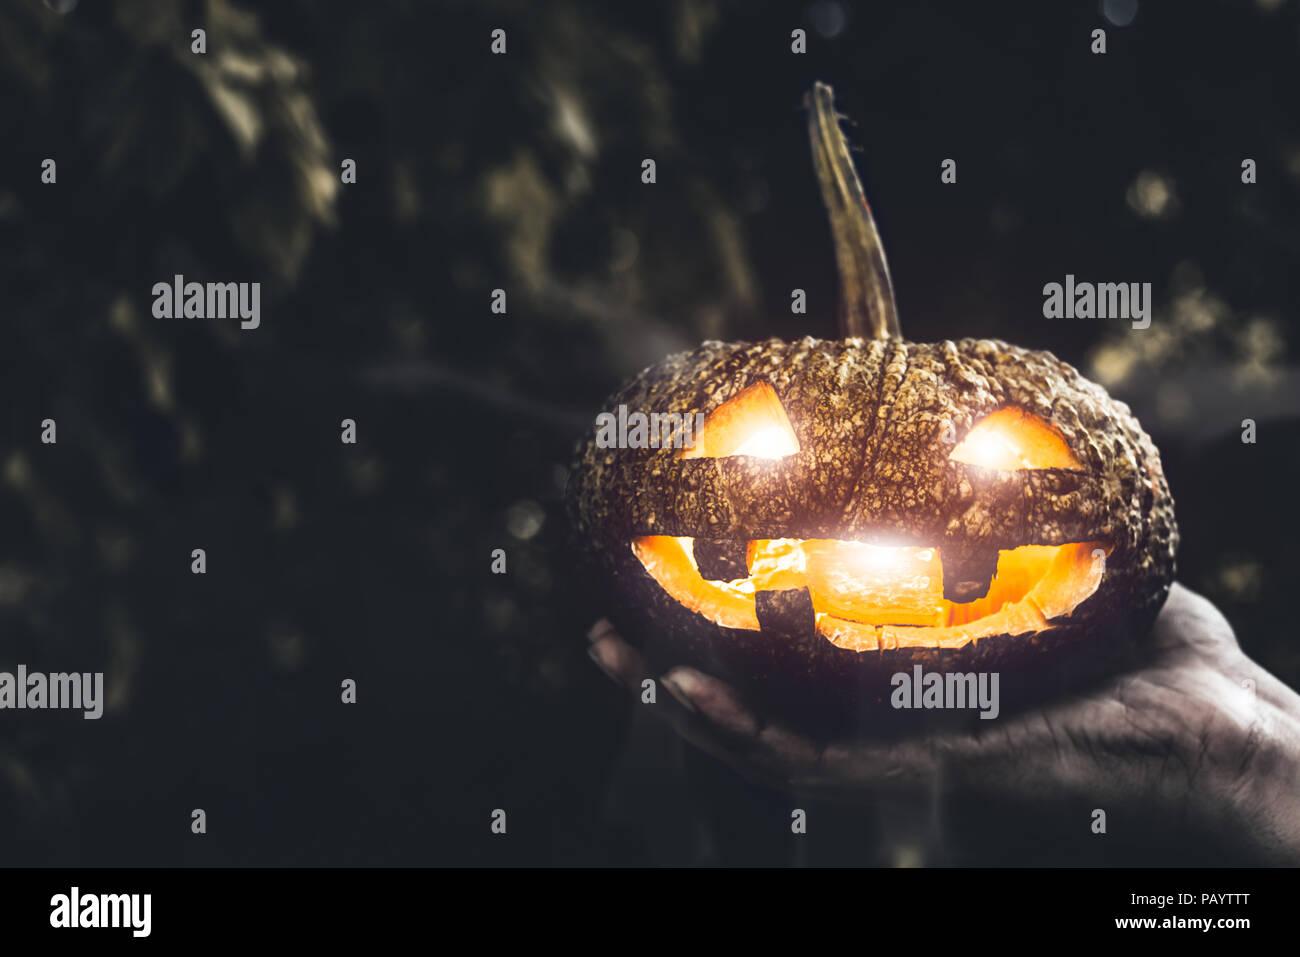 Halloween Kürbis in der Hand, Urlaub und Religion Konzept. Ghost in Kürbis Thema. Hexerei und Mystery buchstabiere Thema. Stockbild